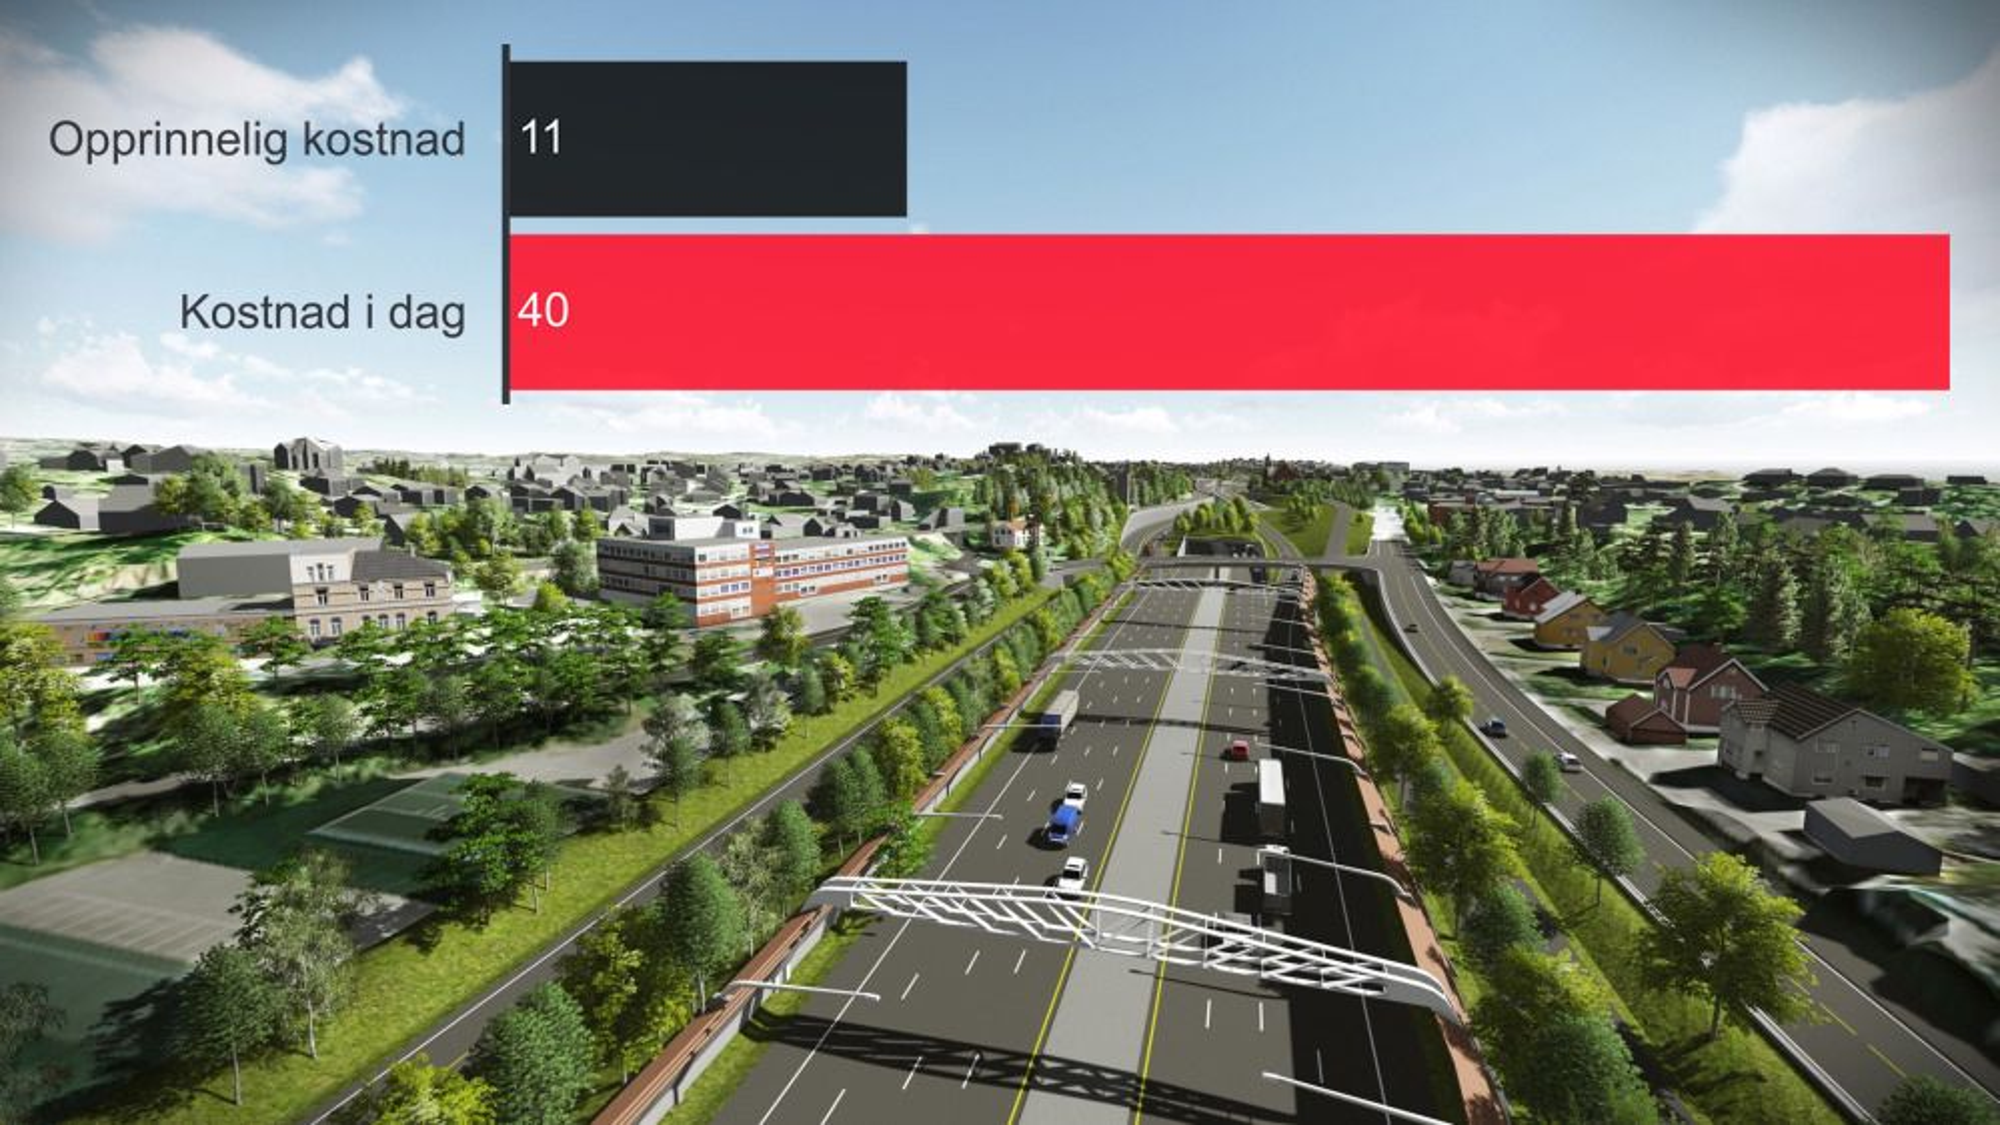 Da de første planene for nye E18 mellom Asker og Oslo ble lagt var prislappen på 11 milliarder, i dag er den på 40 milliarder, og prosjektet er fremdeles under planlegging.